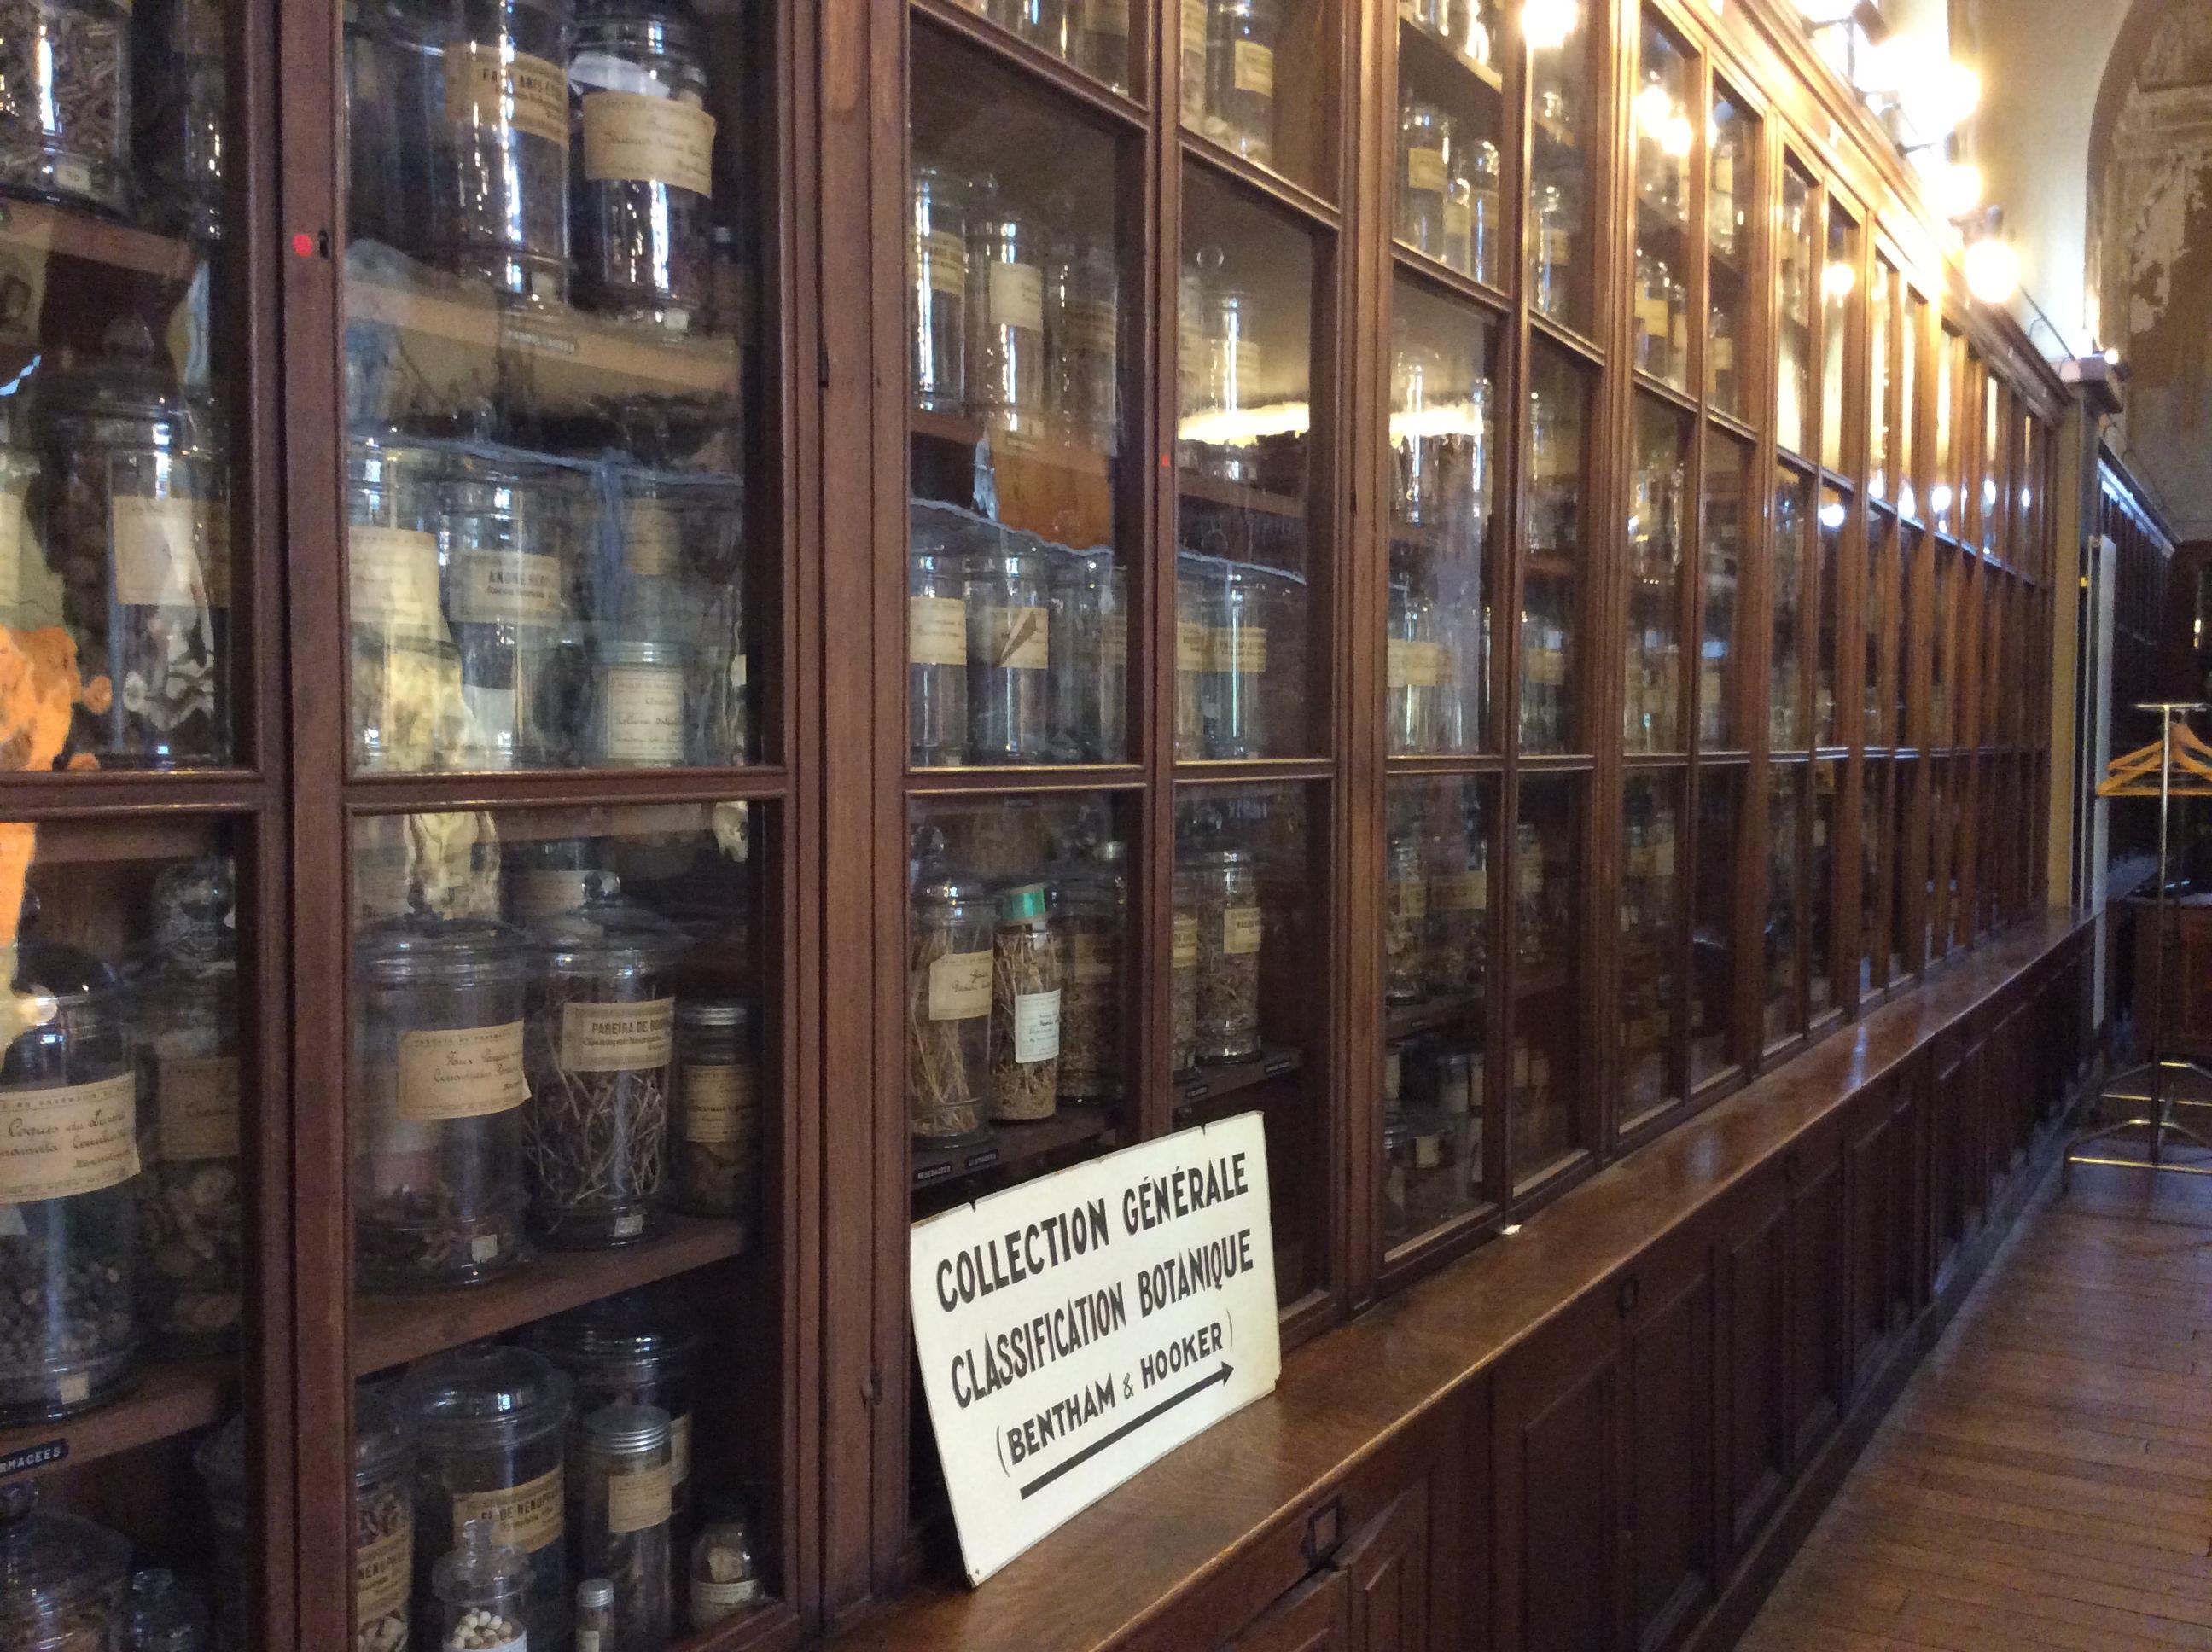 Vitrines : Collection de Matière médicale